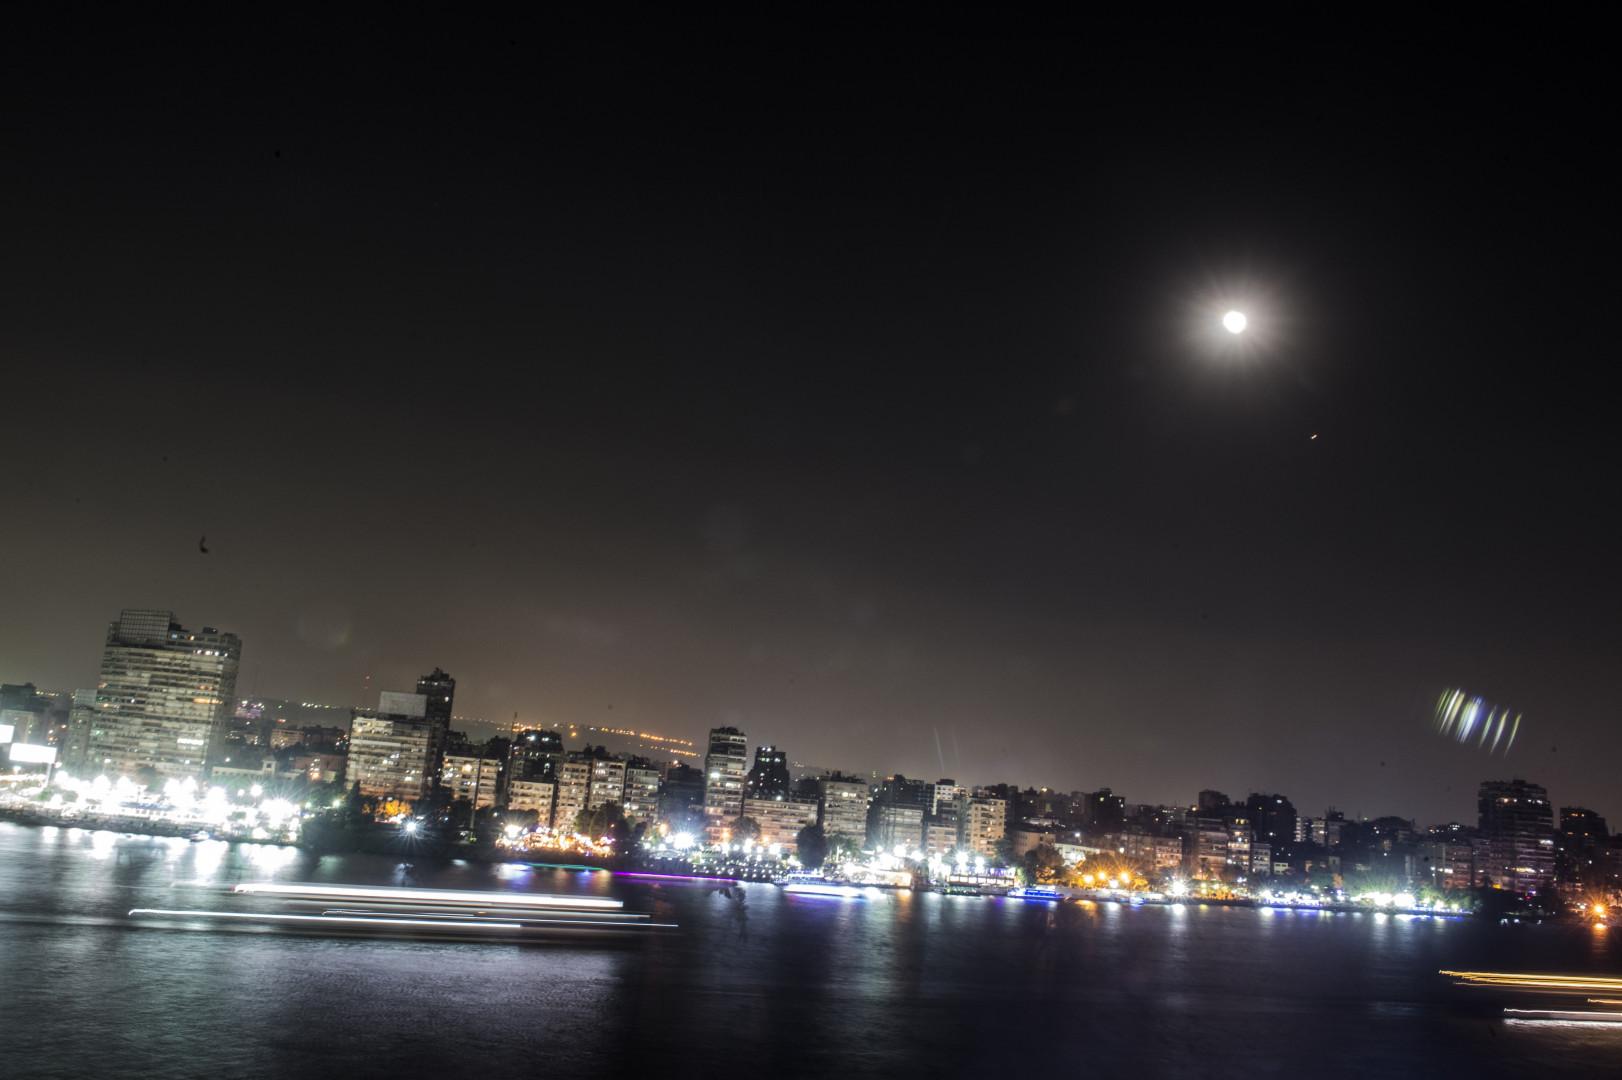 L'éclipse de Lune du 27 juillet dans le ciel du Caire (Égypte)